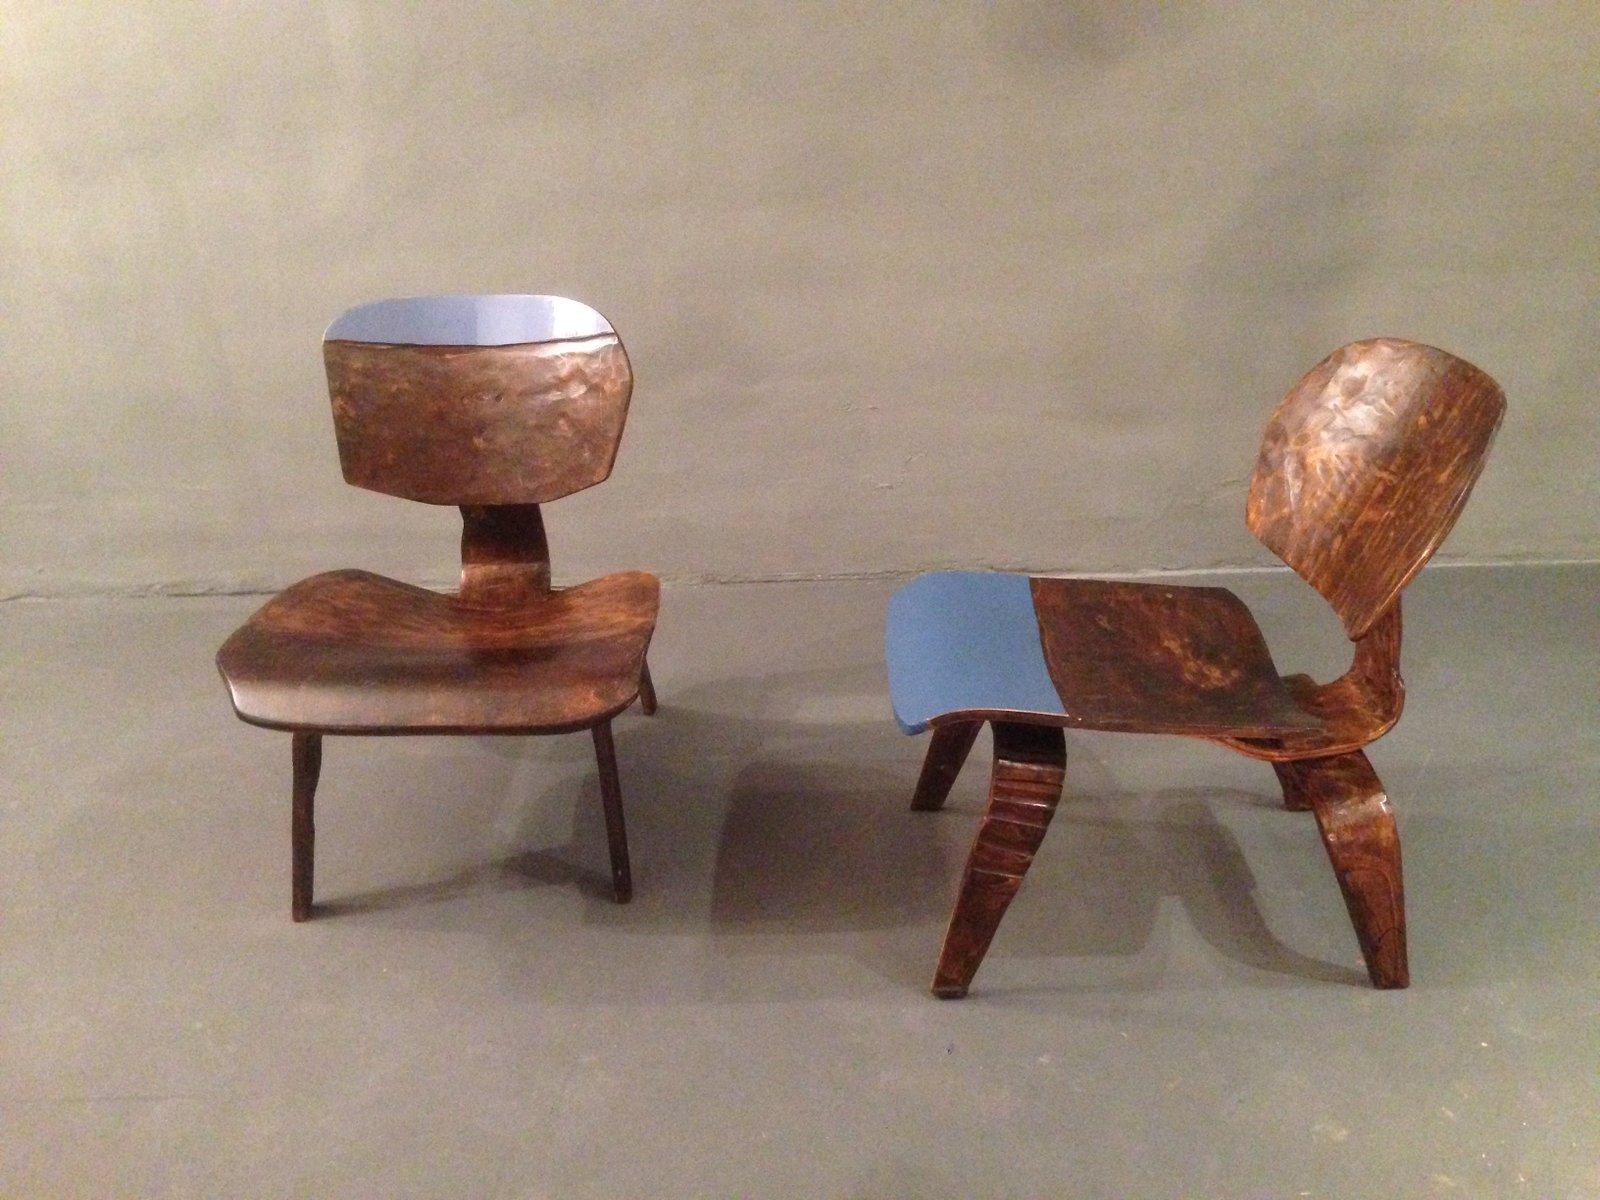 fake frankfurt st hle von markus friedrich staab 2017 2er set bei pamono kaufen. Black Bedroom Furniture Sets. Home Design Ideas